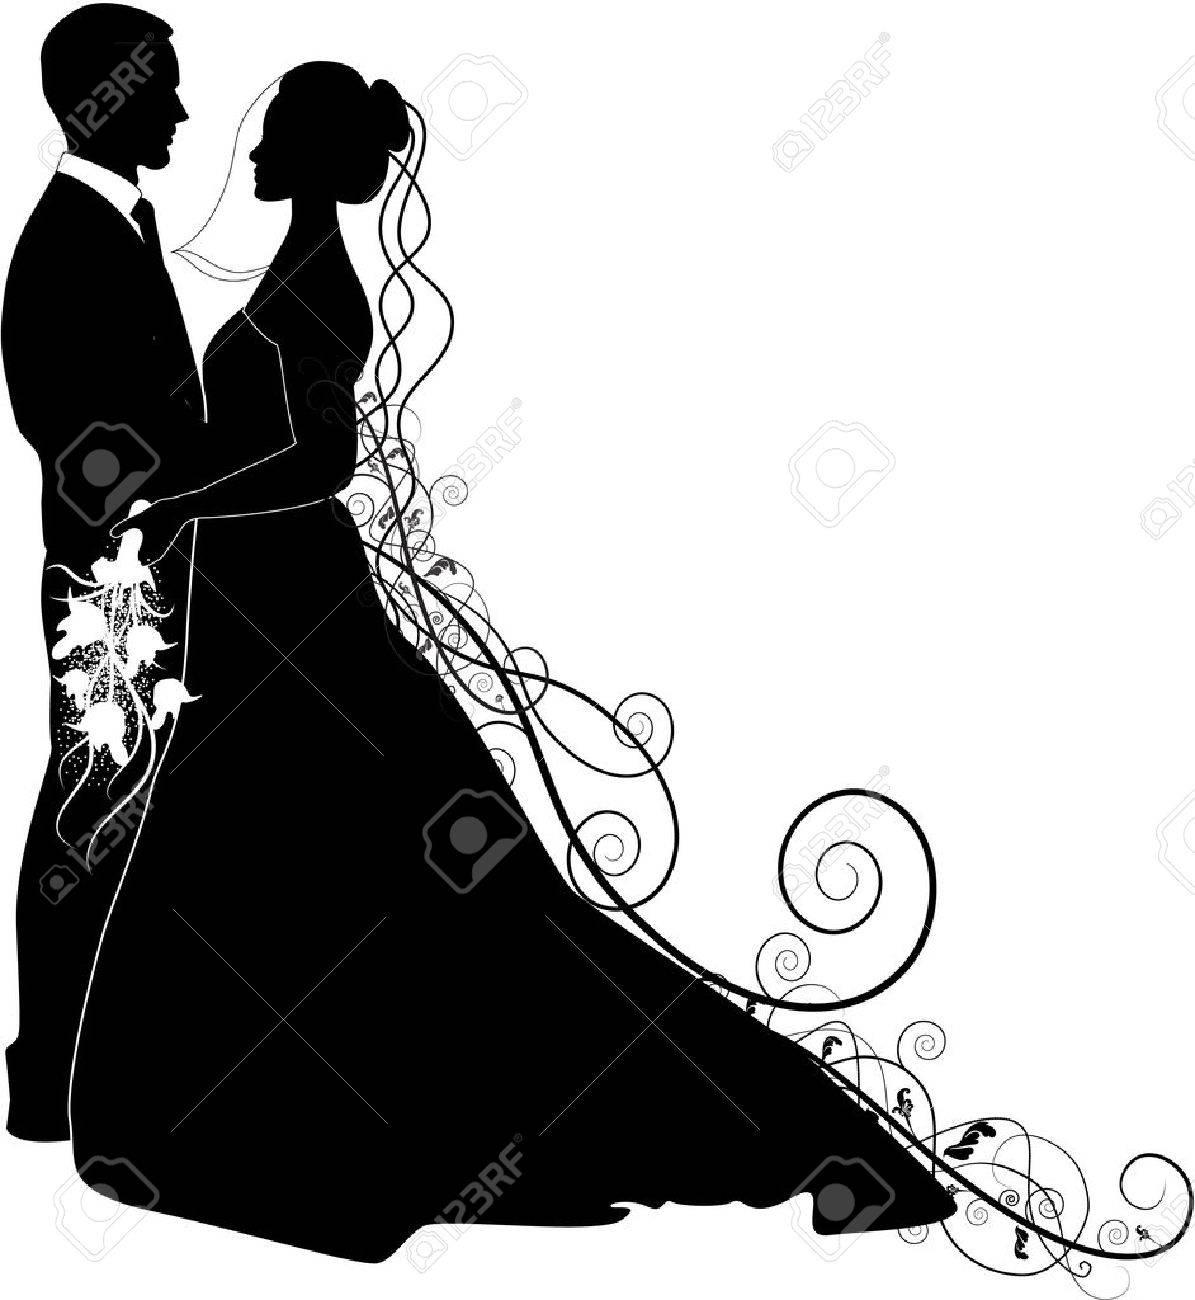 слой ткани свадебный танец в векторных кривых термобелья